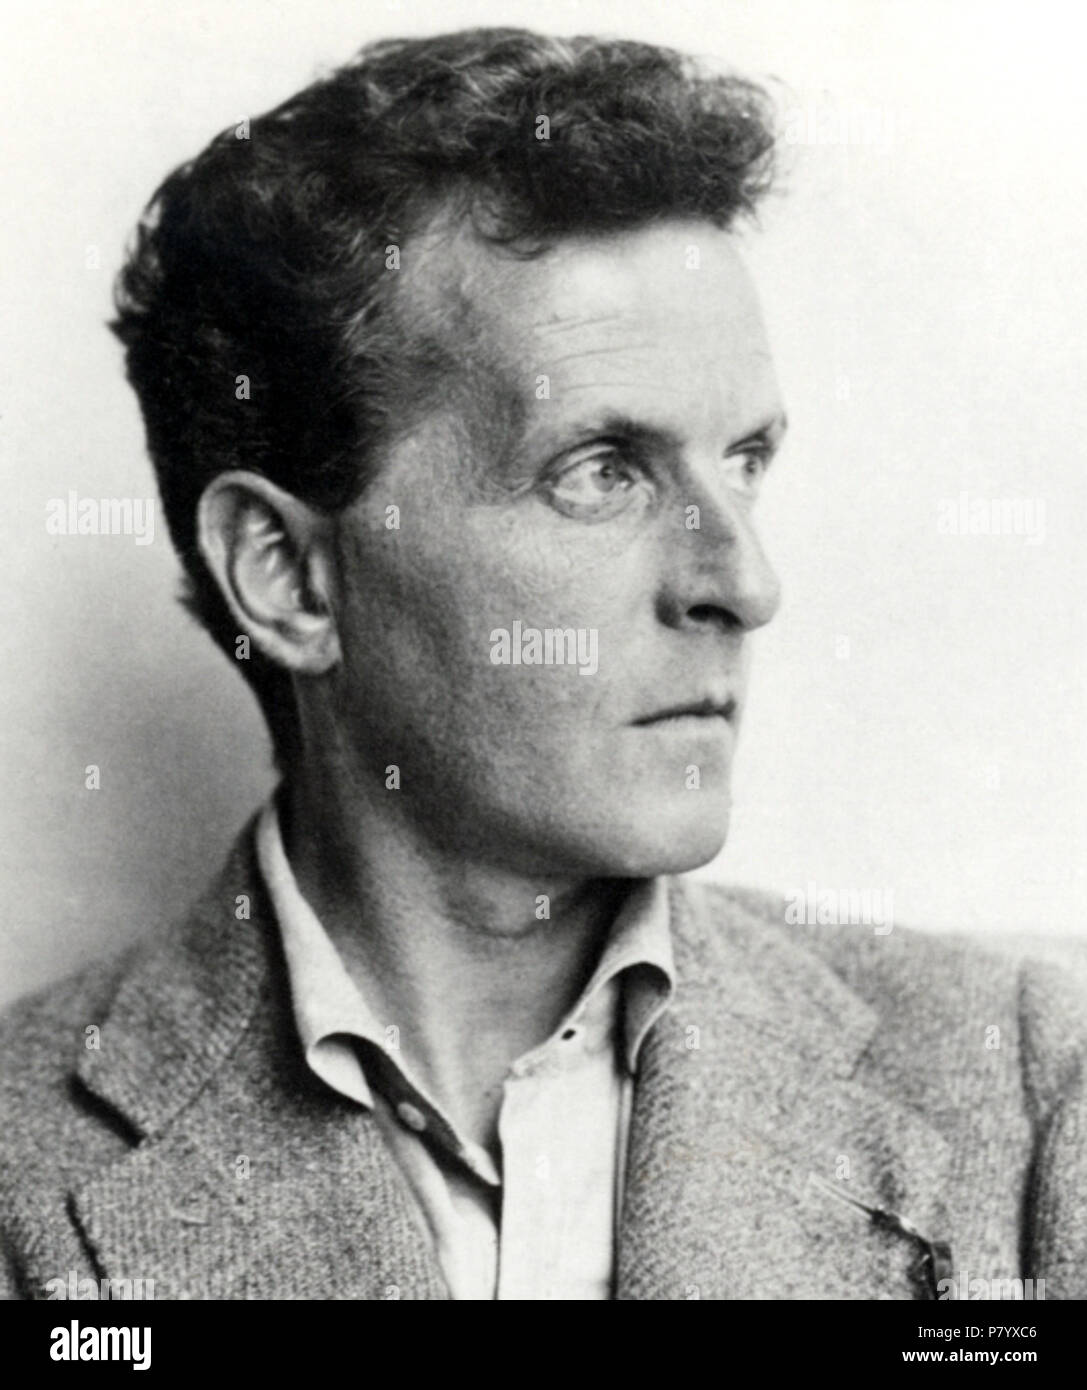 Deutsch: Ludwig Wittgenstein (1899–1951). Österreichische Nationalbibliothek, Inventarnummer Pf 42.805: C (1) English: Ludwig Wittgenstein (1899–1951). Austrian National Library, Accession number Pf 42.805: C (1) . 1930 252 Ludwig Wittgenstein (cropped) - Stock Image